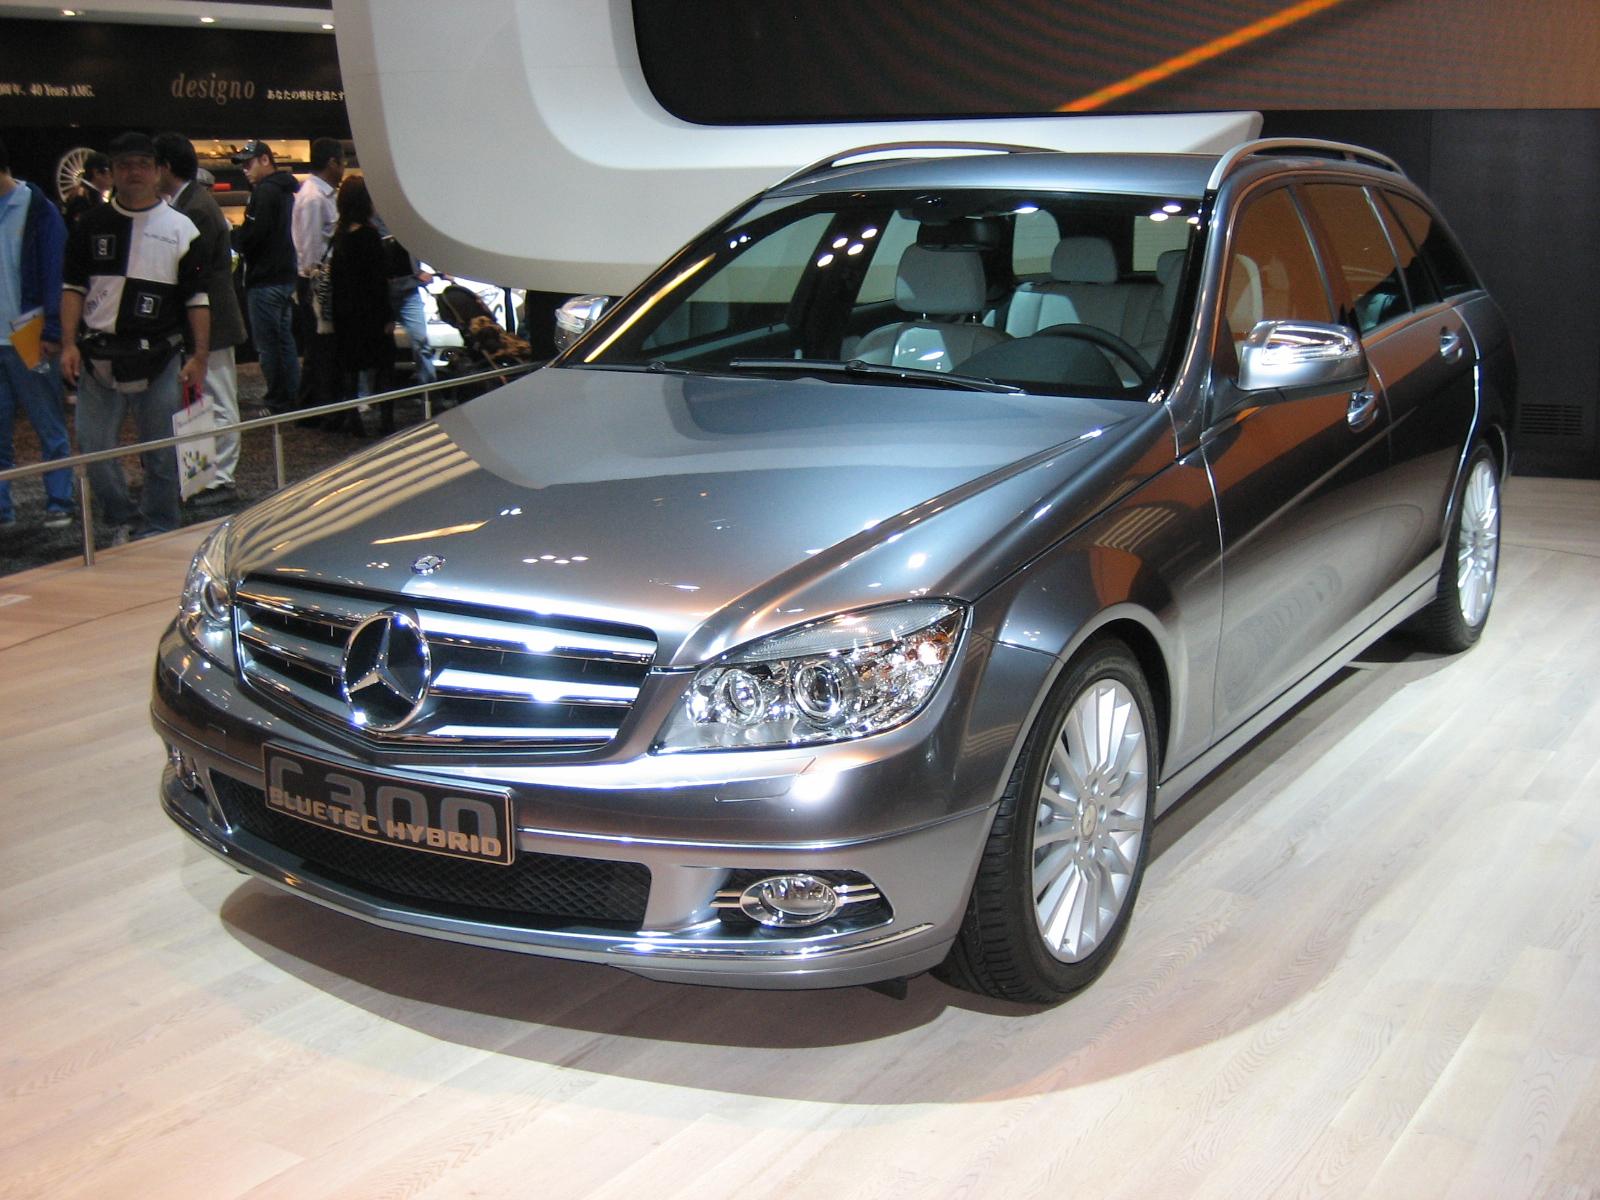 http://1.bp.blogspot.com/-Sw1nPXwfafM/TjC87wnJxKI/AAAAAAAAA48/7sN78E8lRa4/s1600/Mercedes-Benz_C300_Bruetec_Hybrid.JPG